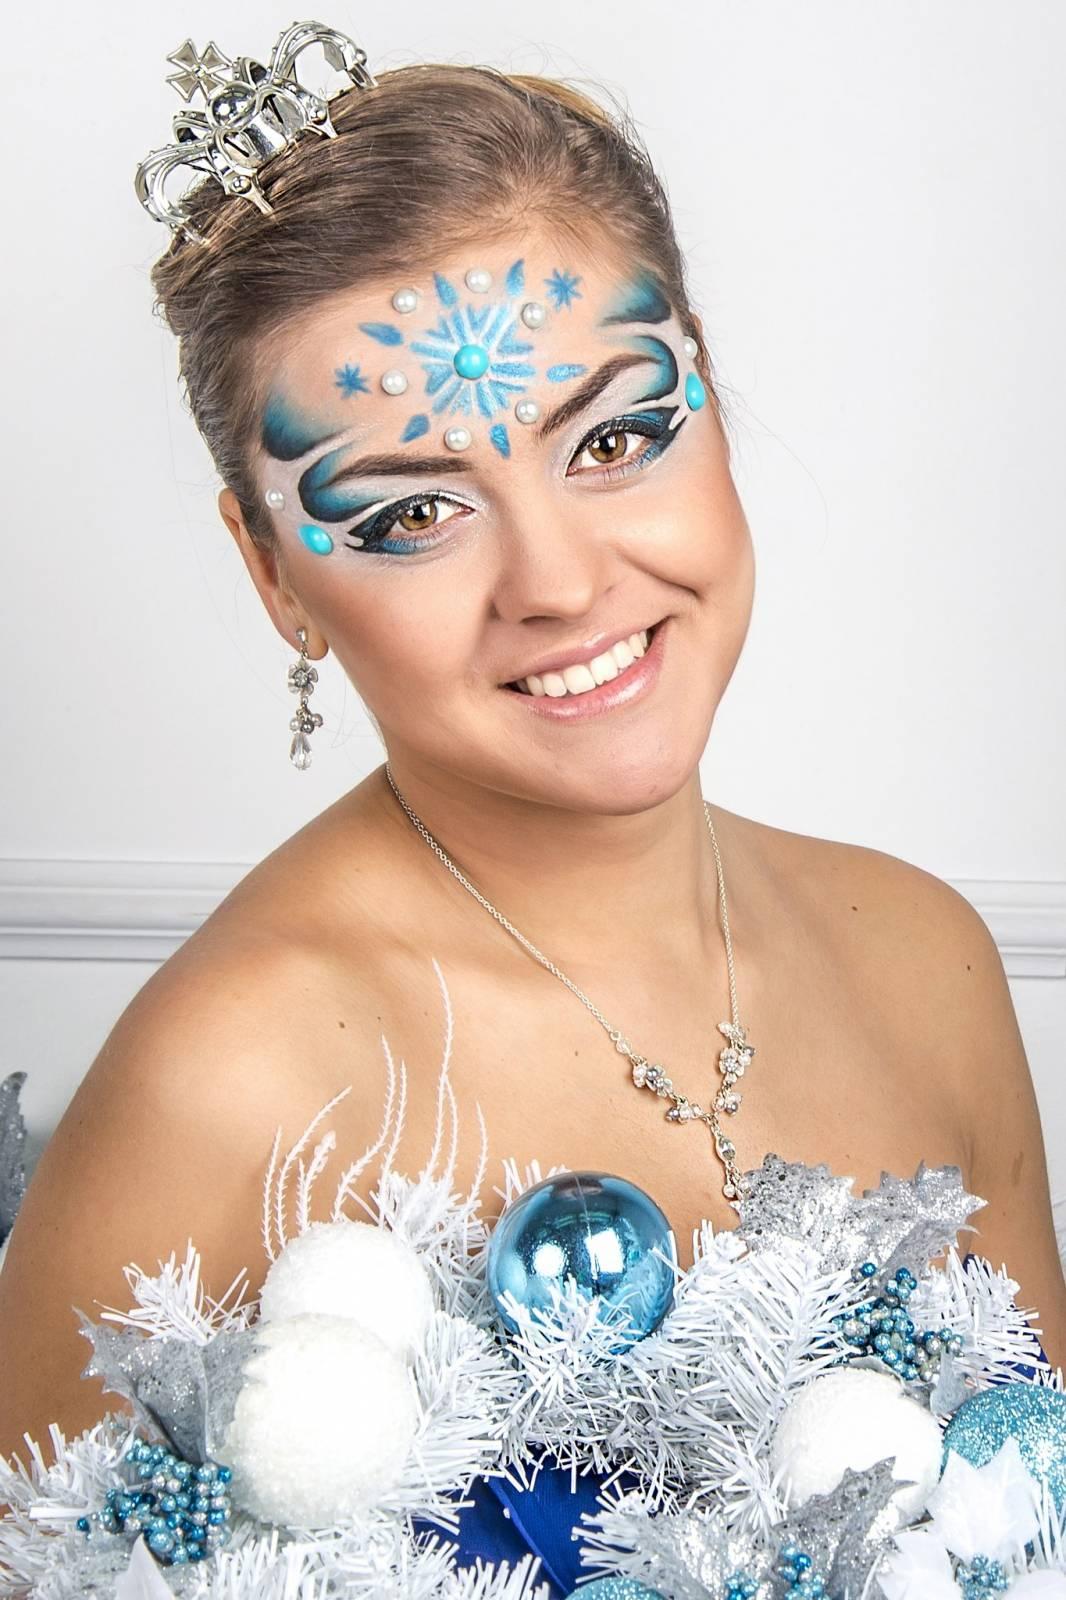 Макияж для снежной королевы фото